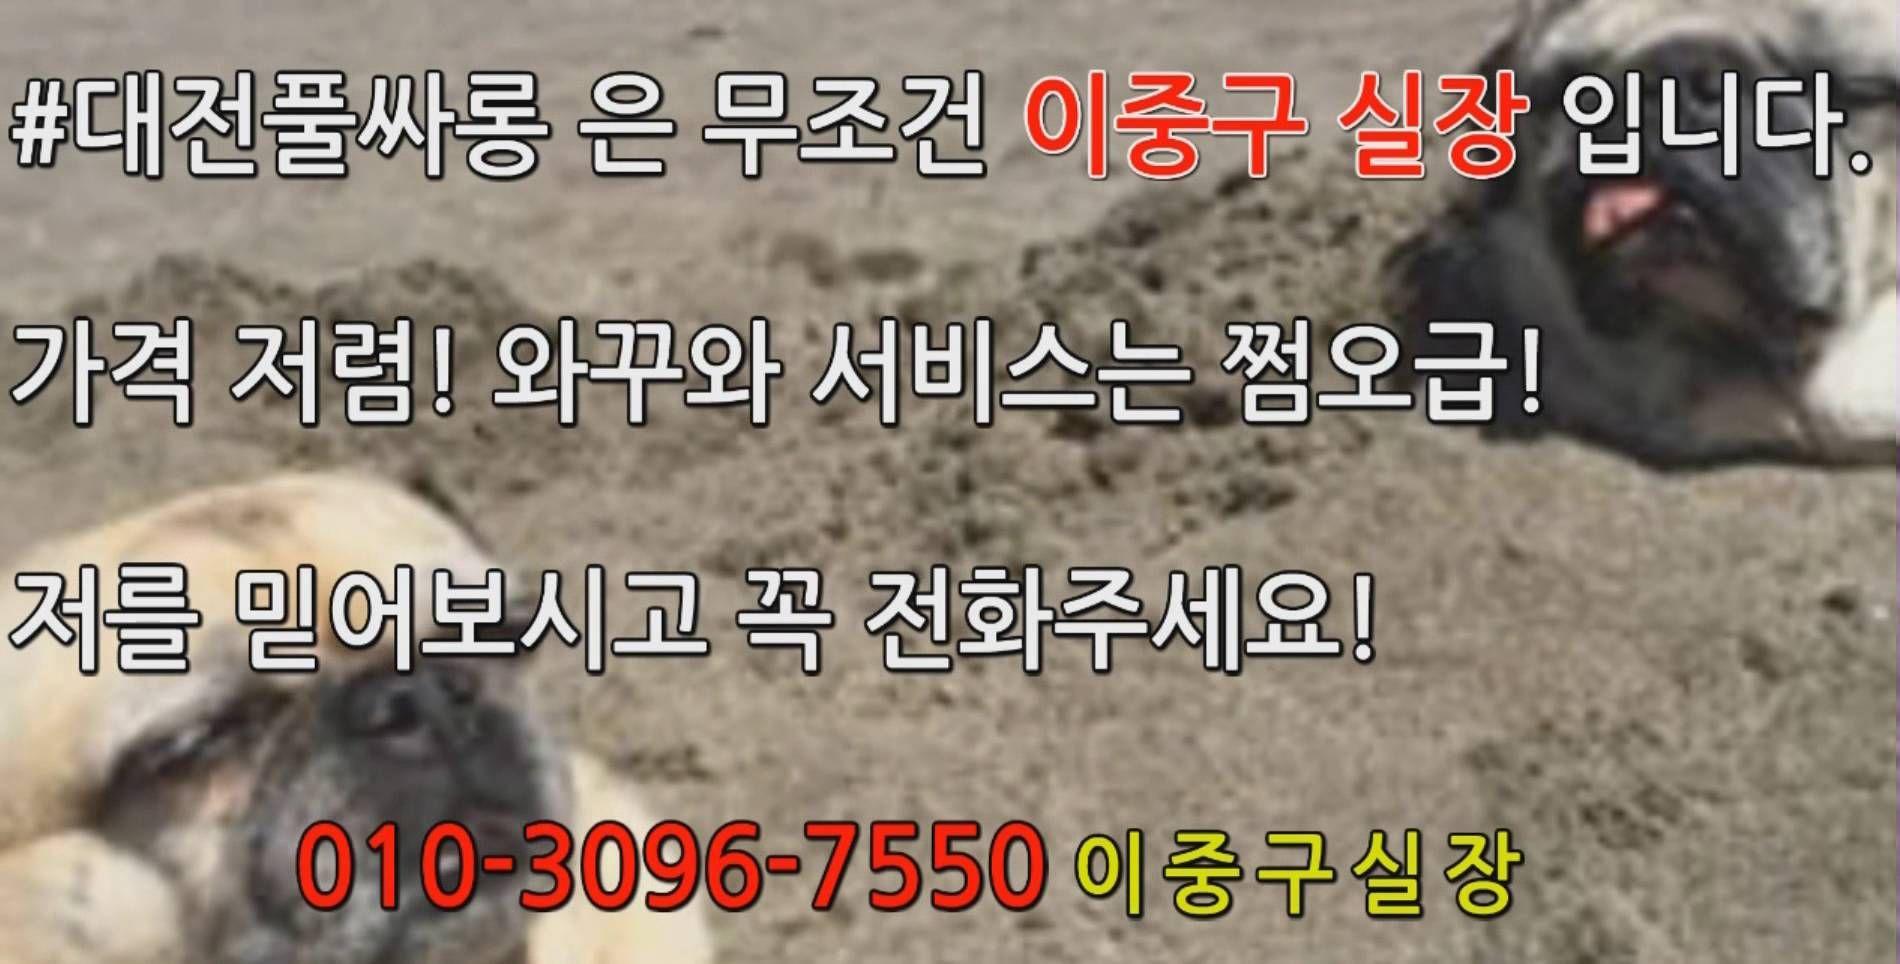 대전유성풀싸롱 O1O 3O96 755O 이중구실장 #대전풀싸롱 #유성풀싸롱